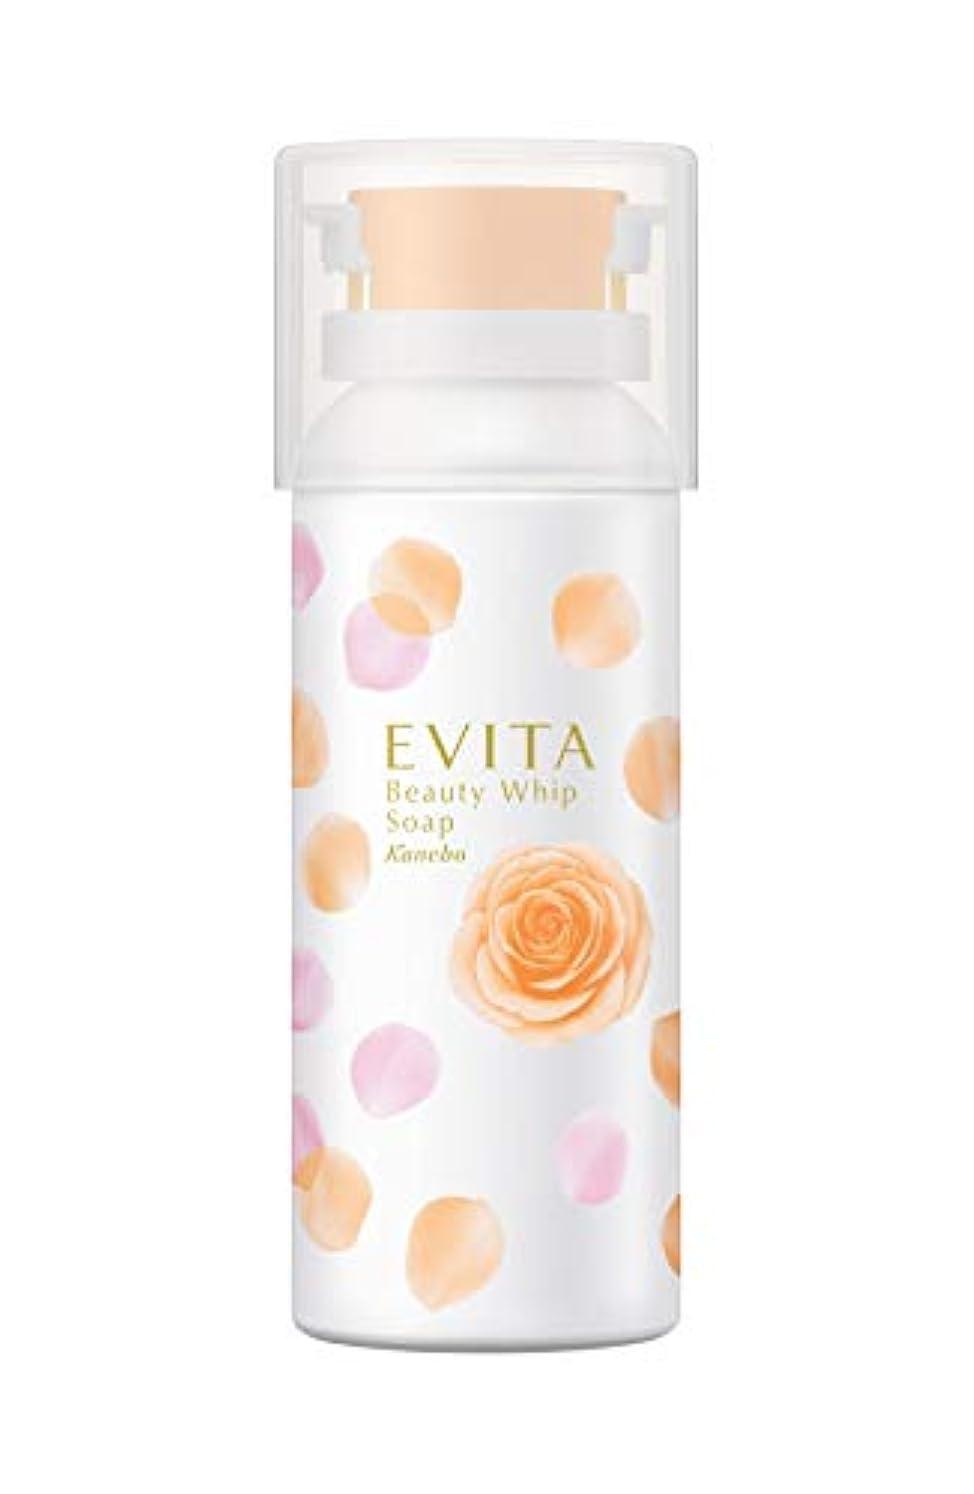 エビータ ビューティホイップソープ(ローズ&オレンジティーの香り) 洗顔料